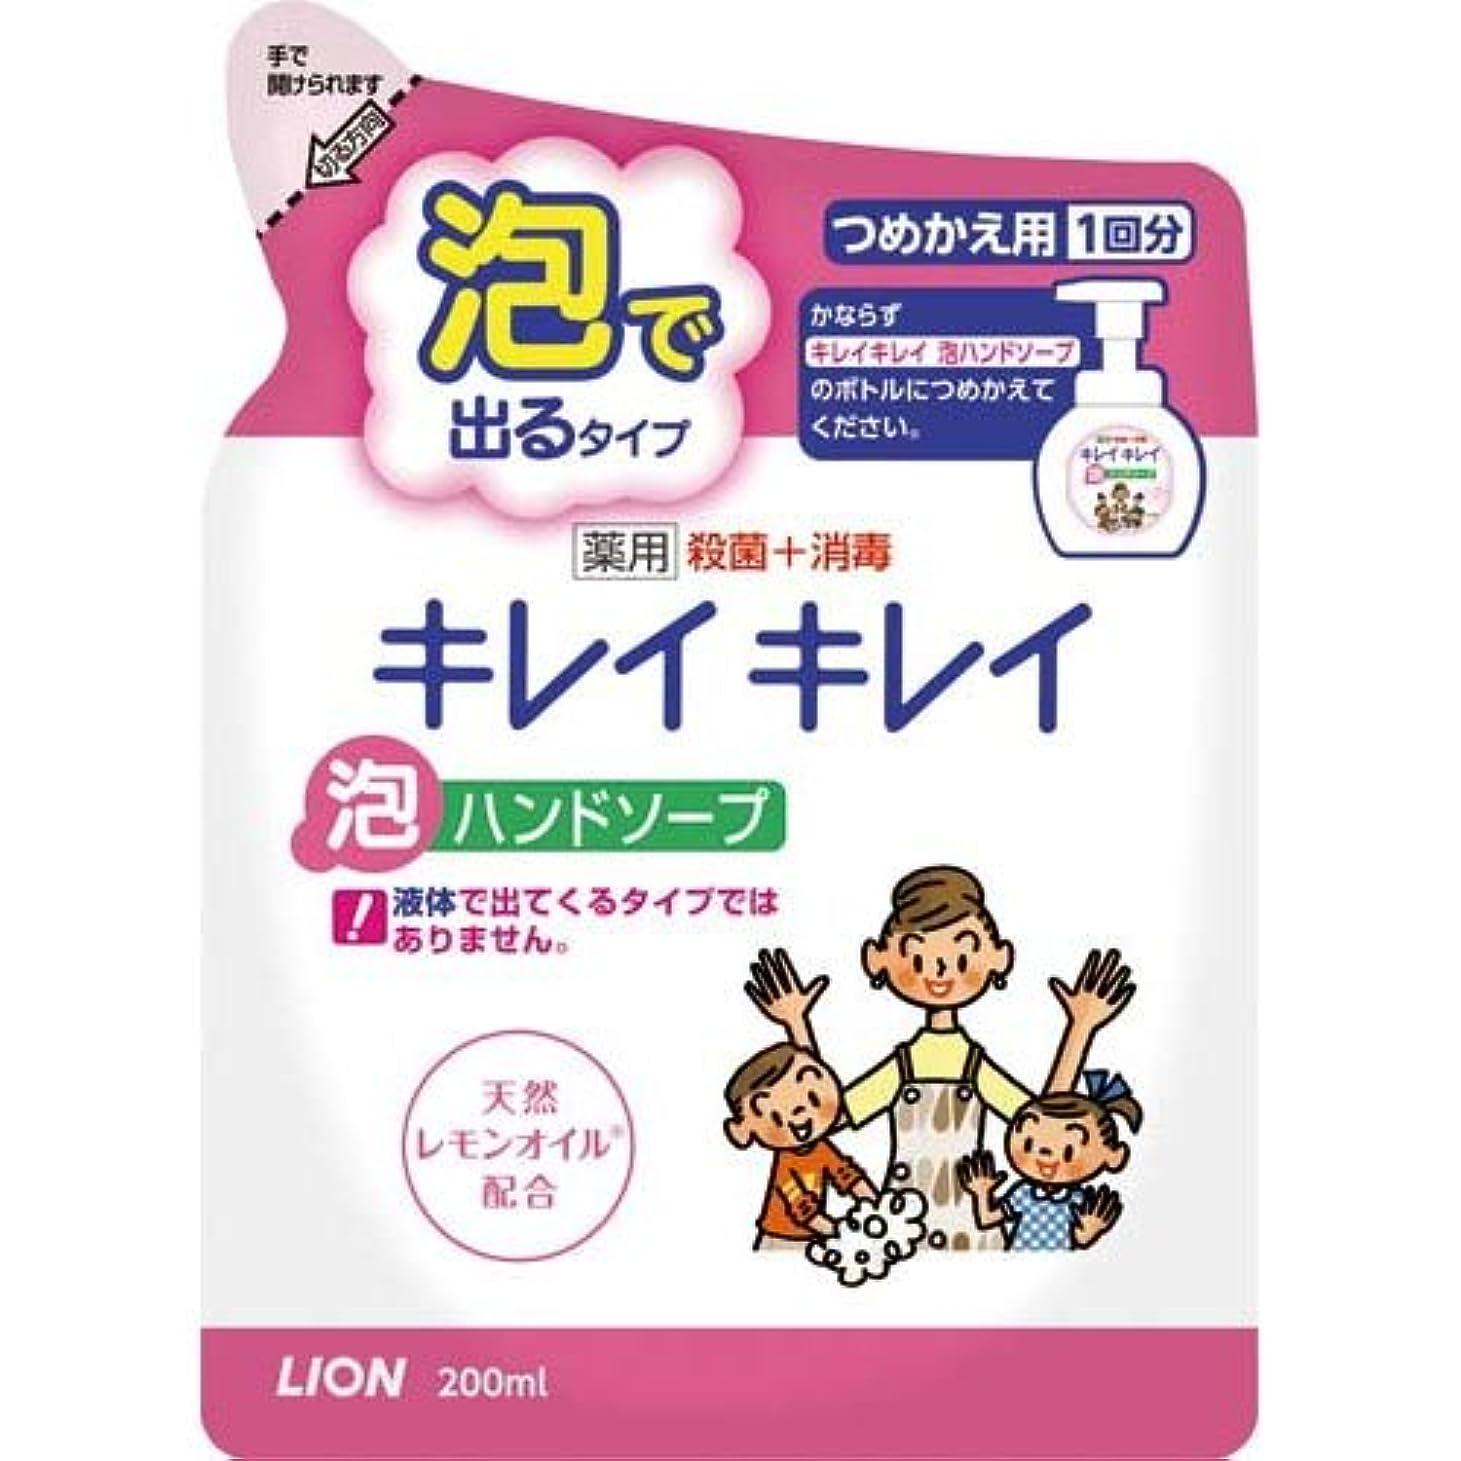 夜害虫段階キレイキレイ 薬用泡ハンドソープ つめかえ用 200mL(医薬部外品) ライオン